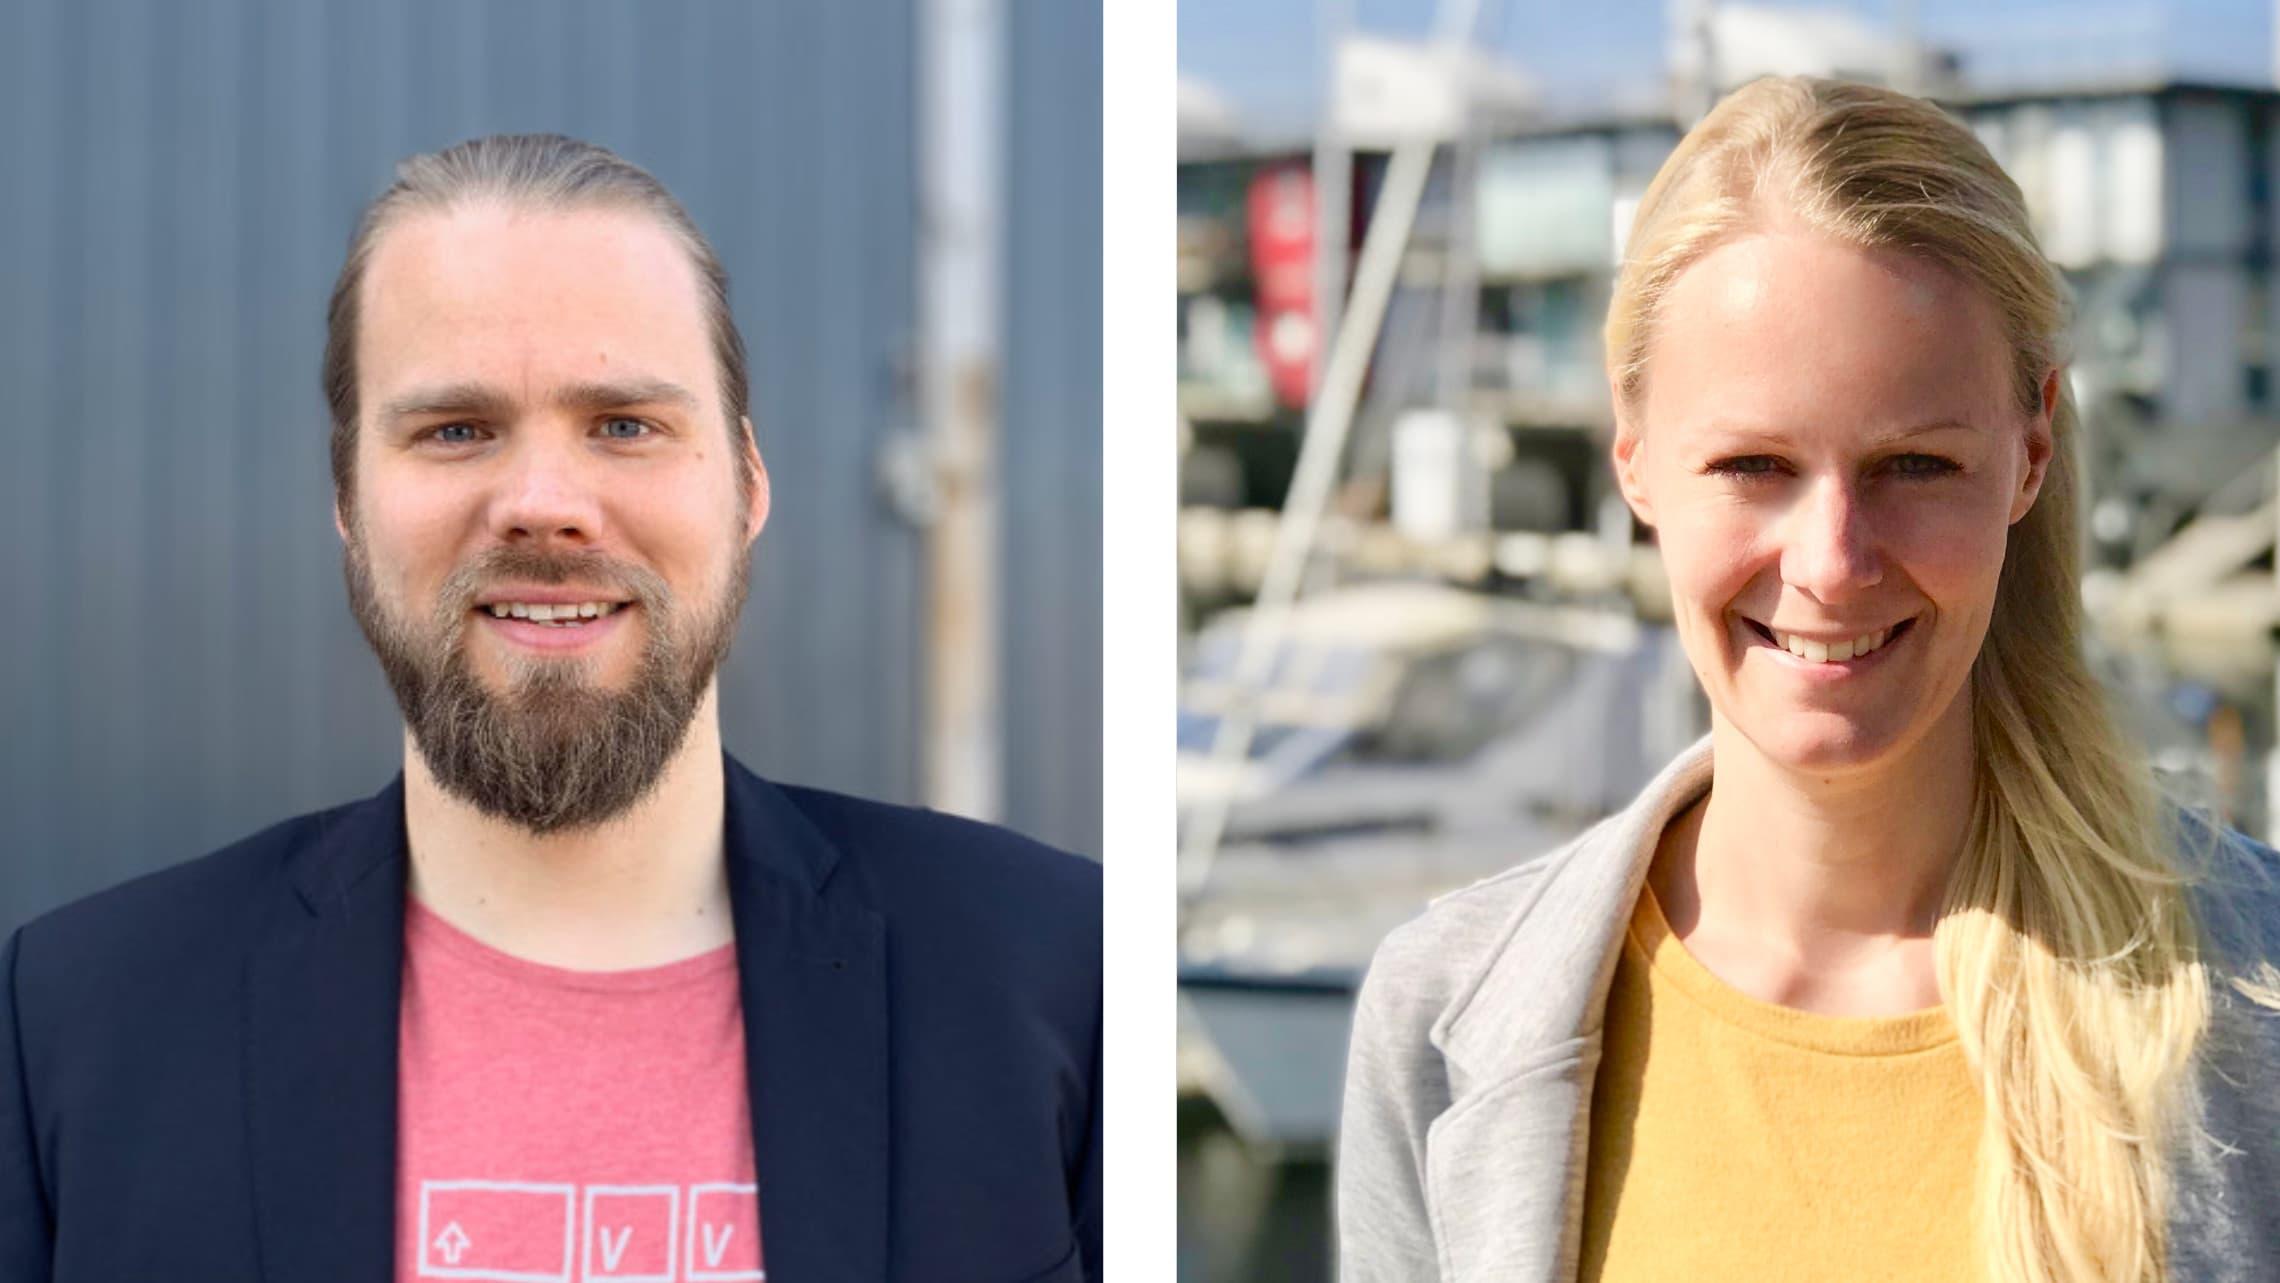 Gunnar Plöhn von der vvandel.io GmbH hat Birte Schmidt bei der Umsetzung von mitabstand.sh beraten und unterstützt.